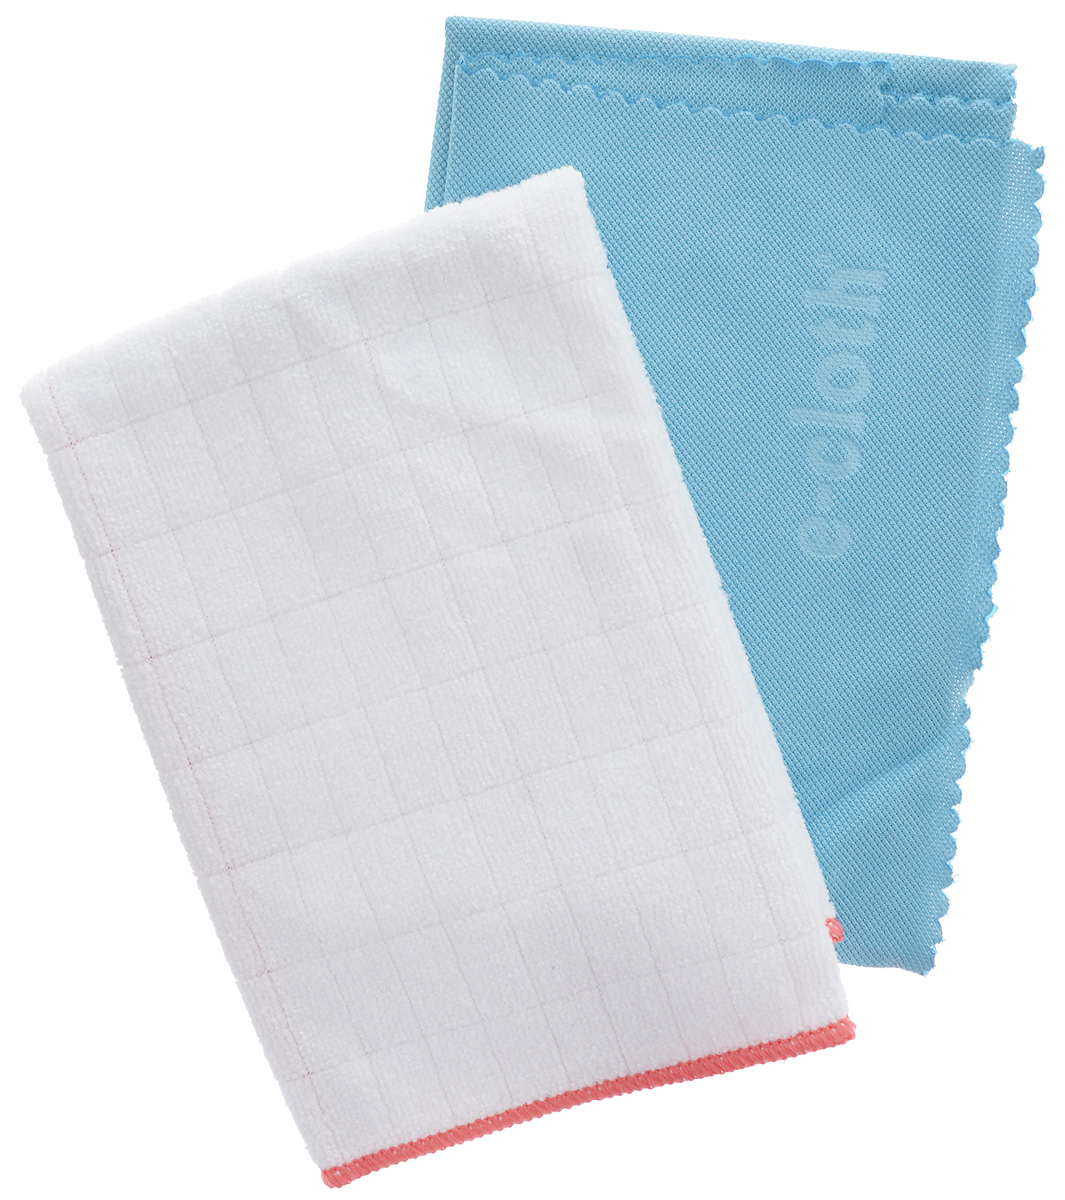 Салфетка E-cloth для полировки и очистки стекла, цвет: белый, голубой, 40 х 50 см + ПОДАРОК: антибактериальная салфетка106-055Салфетка E-cloth выполнена из качественного комбинированного материала: полиэстера и полиамида. Используется для очистки и полировки стеклянных, металлических и других твердых поверхностей без использования химических средств. Достаточно лишь смочить салфетку водой для очистки поверхности от жира и других загрязнений. Для полировки и придания блеска используйте сухую салфетку. Не оставляет разводов. Удаляет свыше 99% бактерий. Выдерживает до 300 циклов стирки без потери эффективности.Материал: 80% полиэстер, 20% полиамид.Размер салфетки: 40 х 50 см.В подарок прилагается антибактериальная салфетка (32 х 32 см).